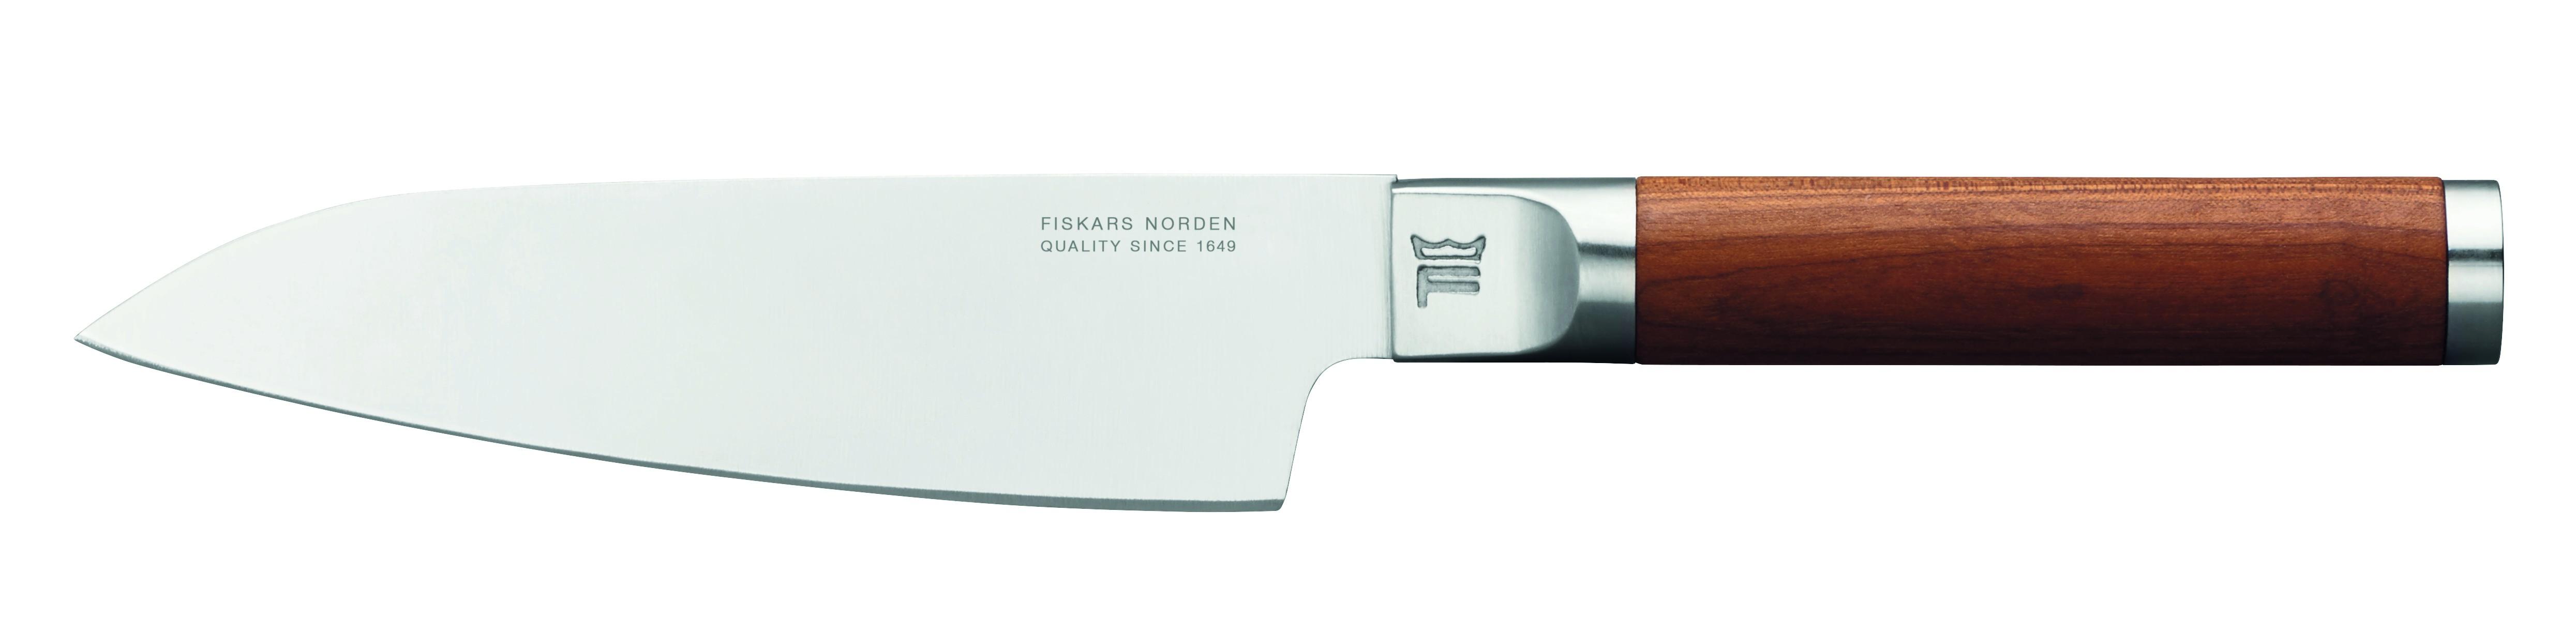 Fiskars Norden kokkenkniv, 12,5 cm